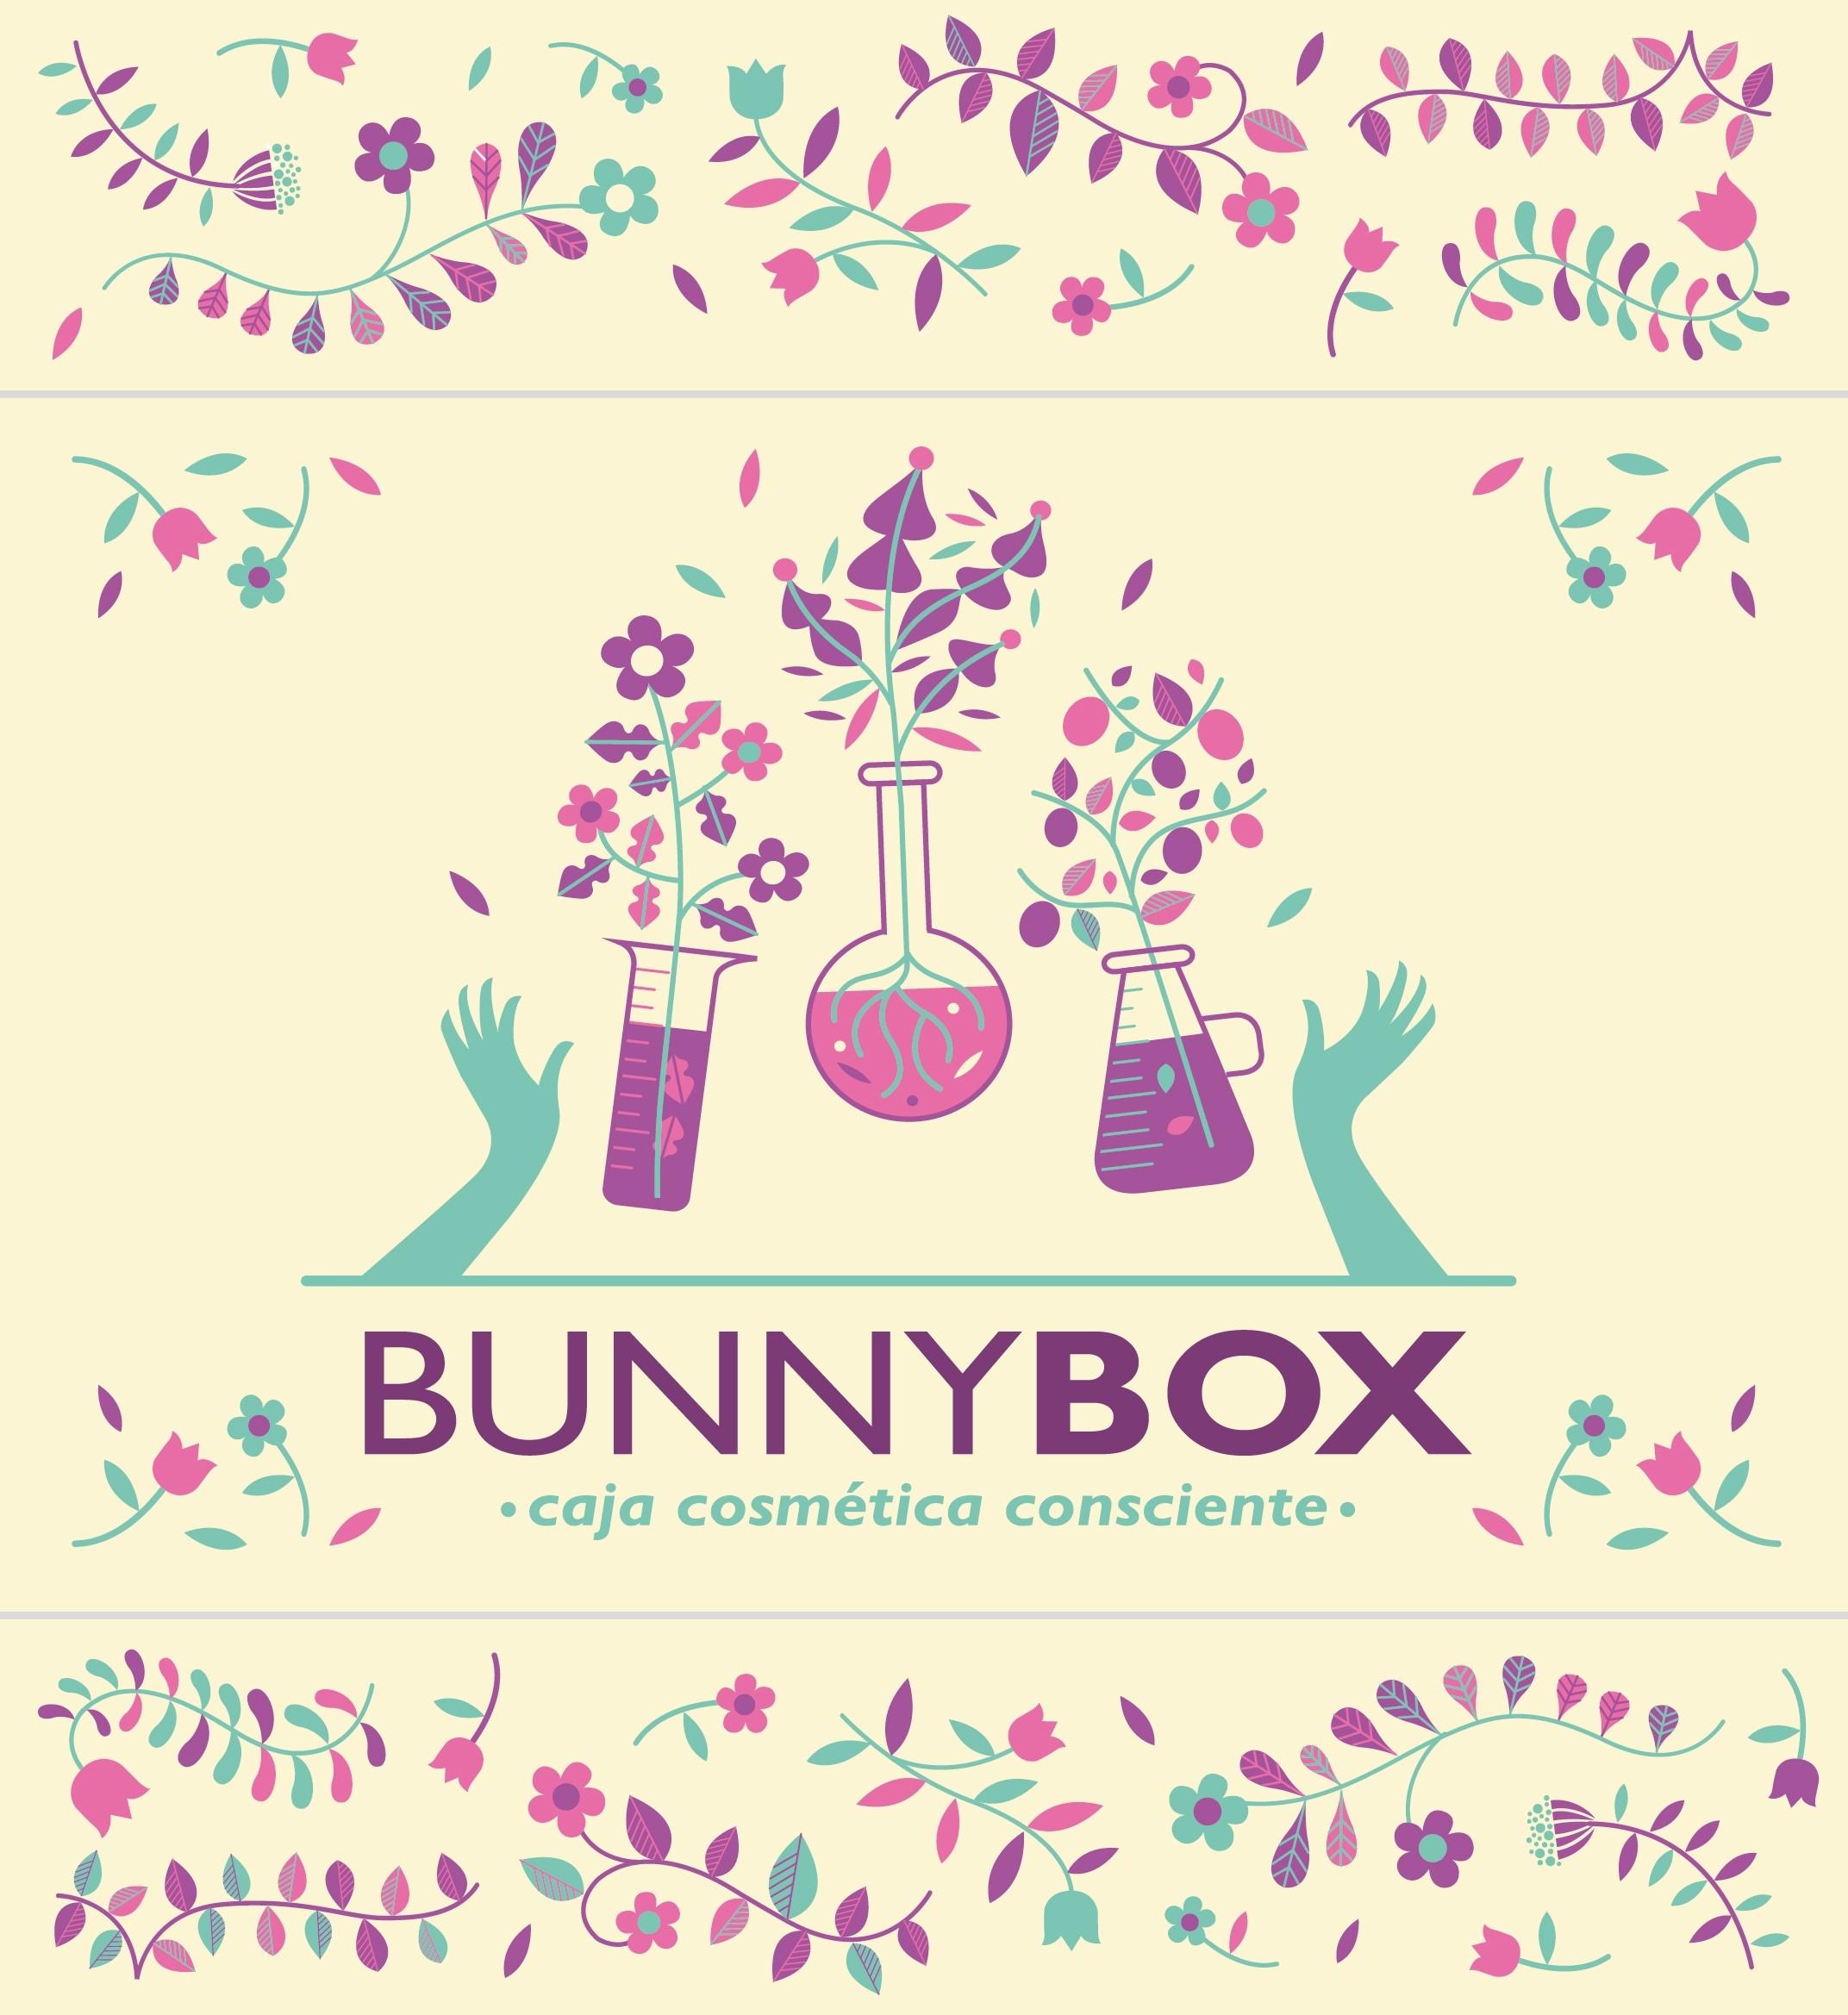 Bunny Box Argentina